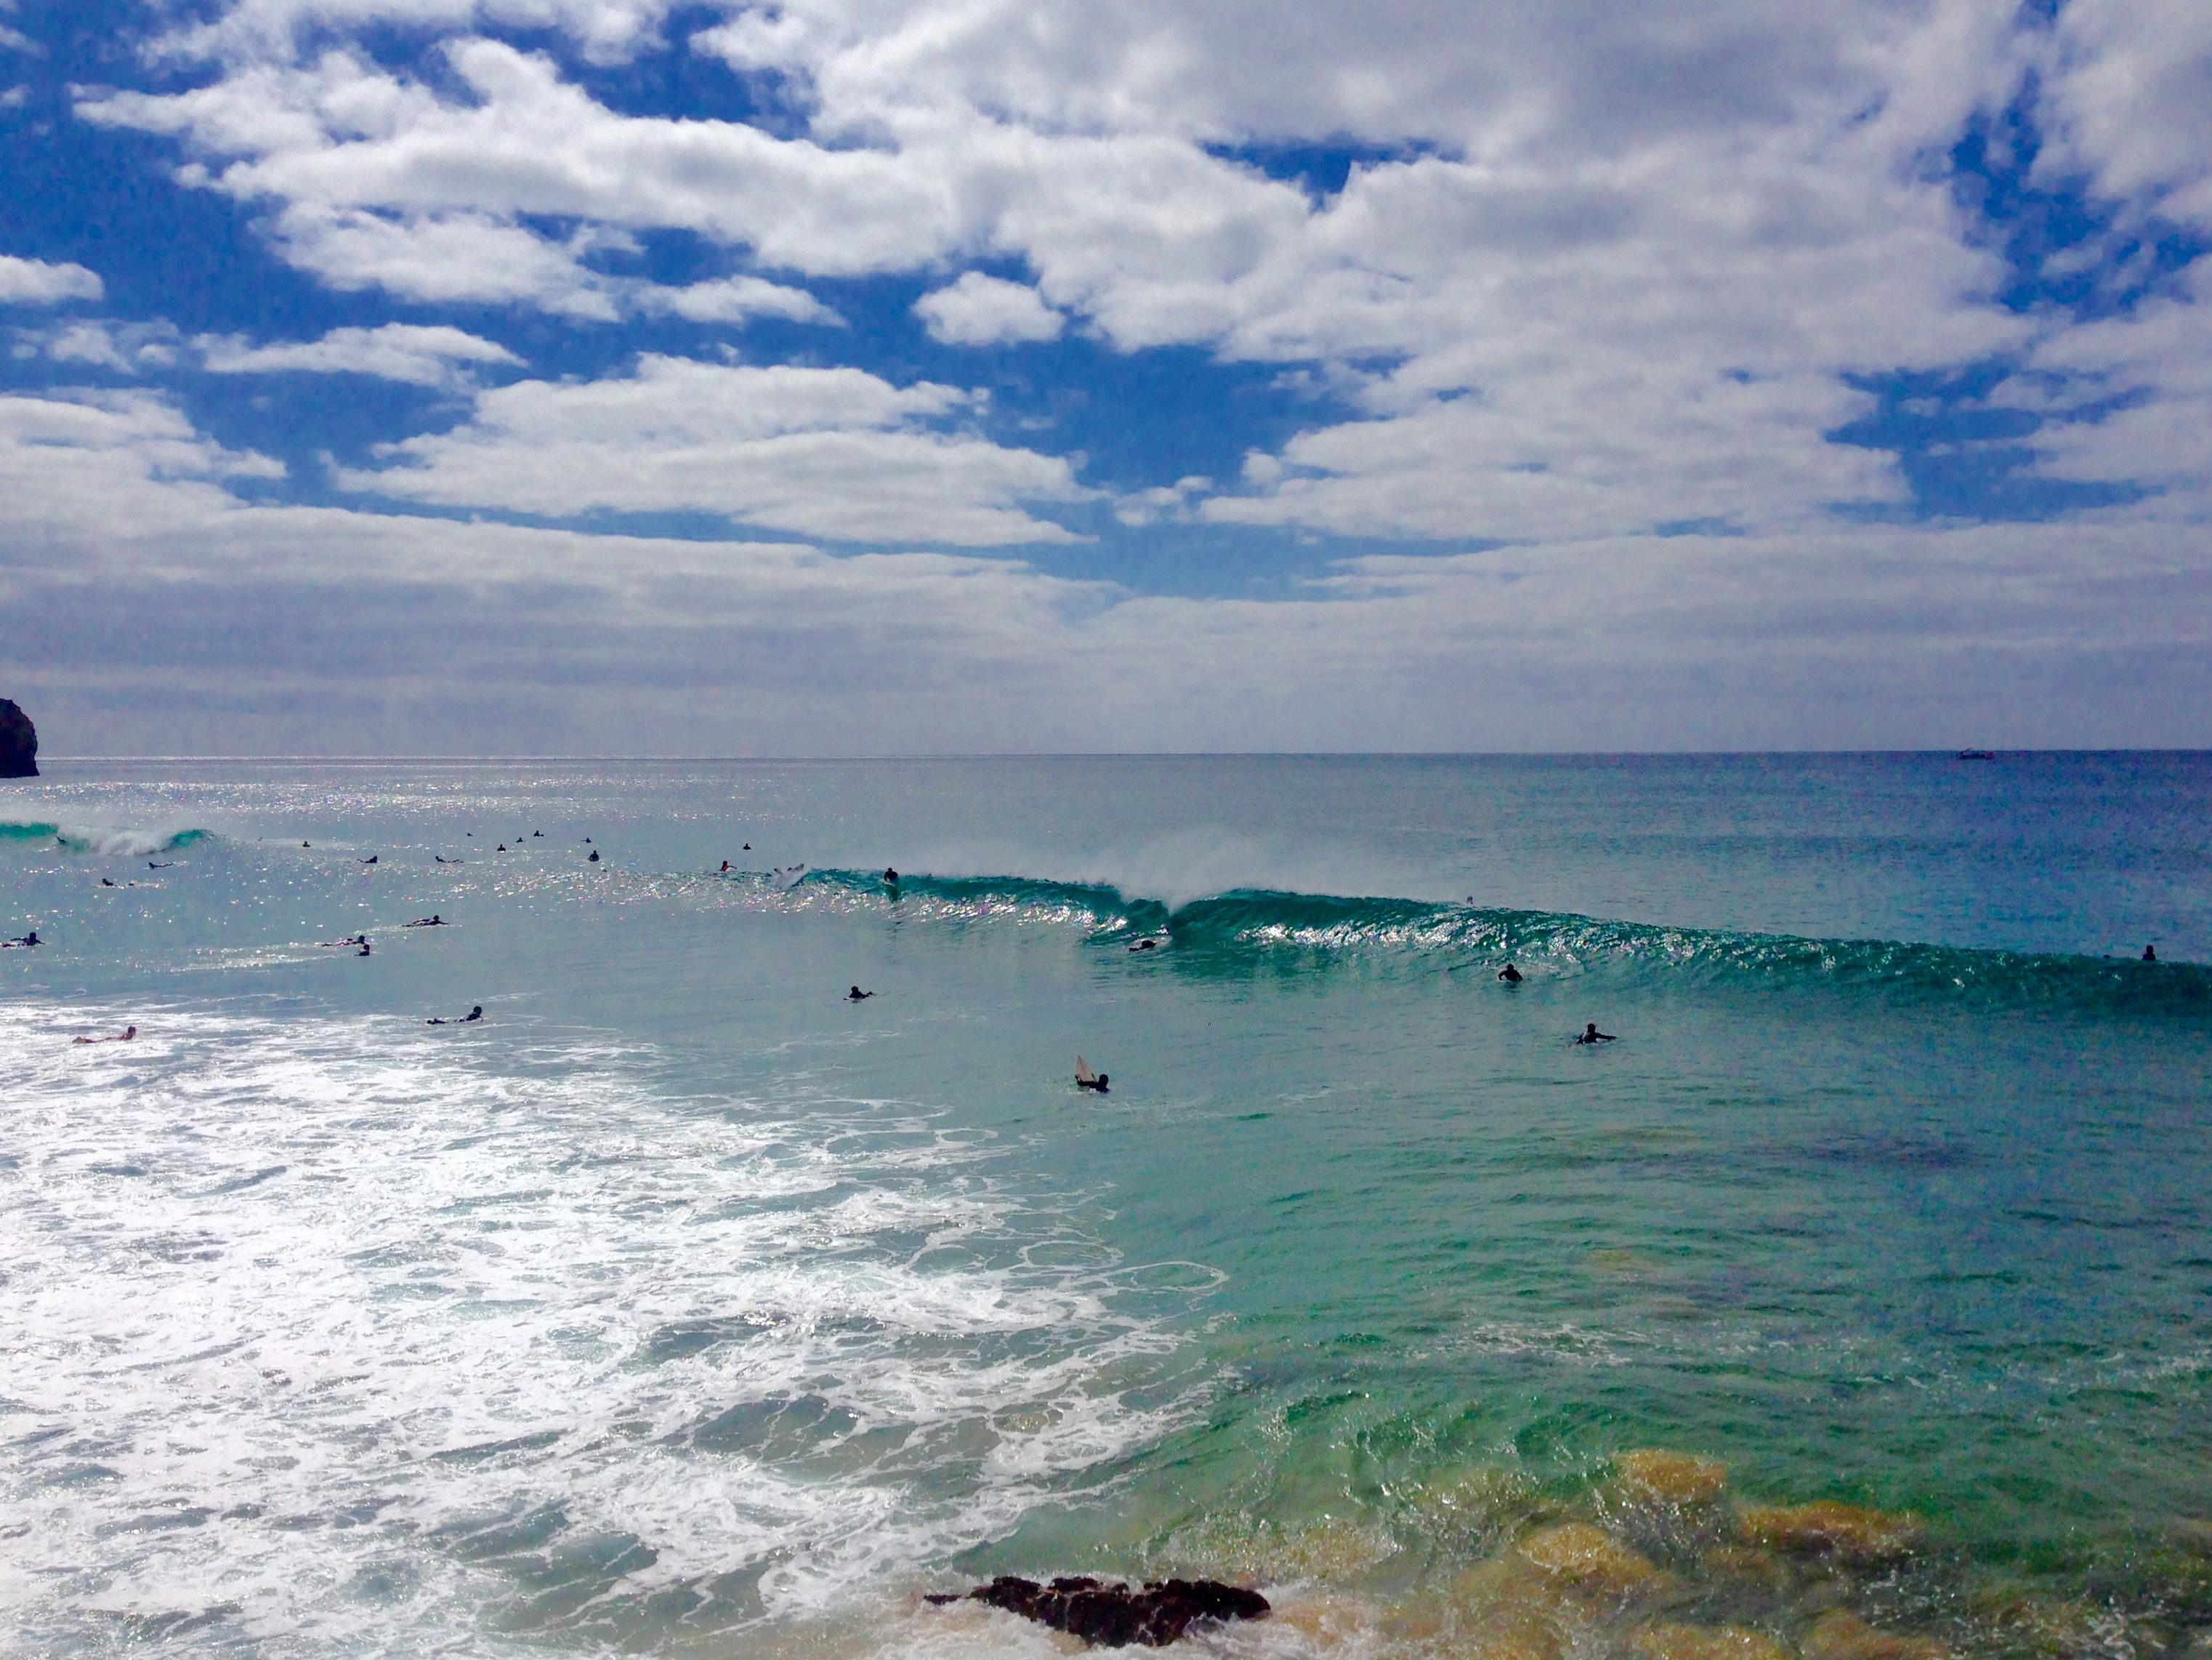 zavial empty wave